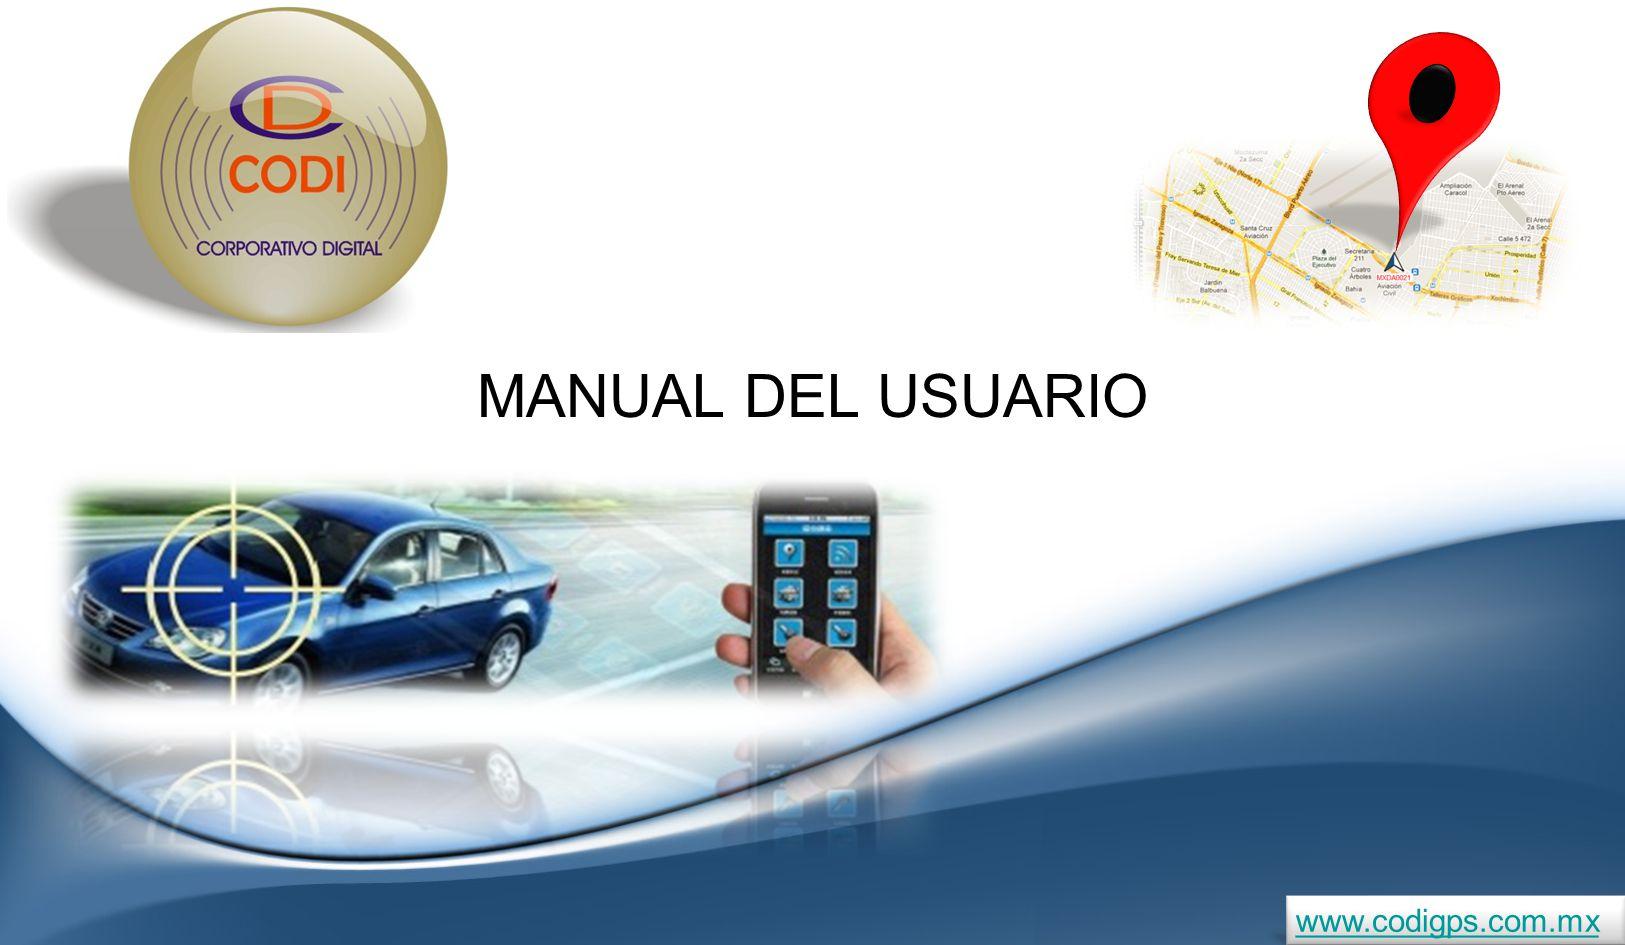 MANUAL DEL USUARIO www.codigps.com.mx